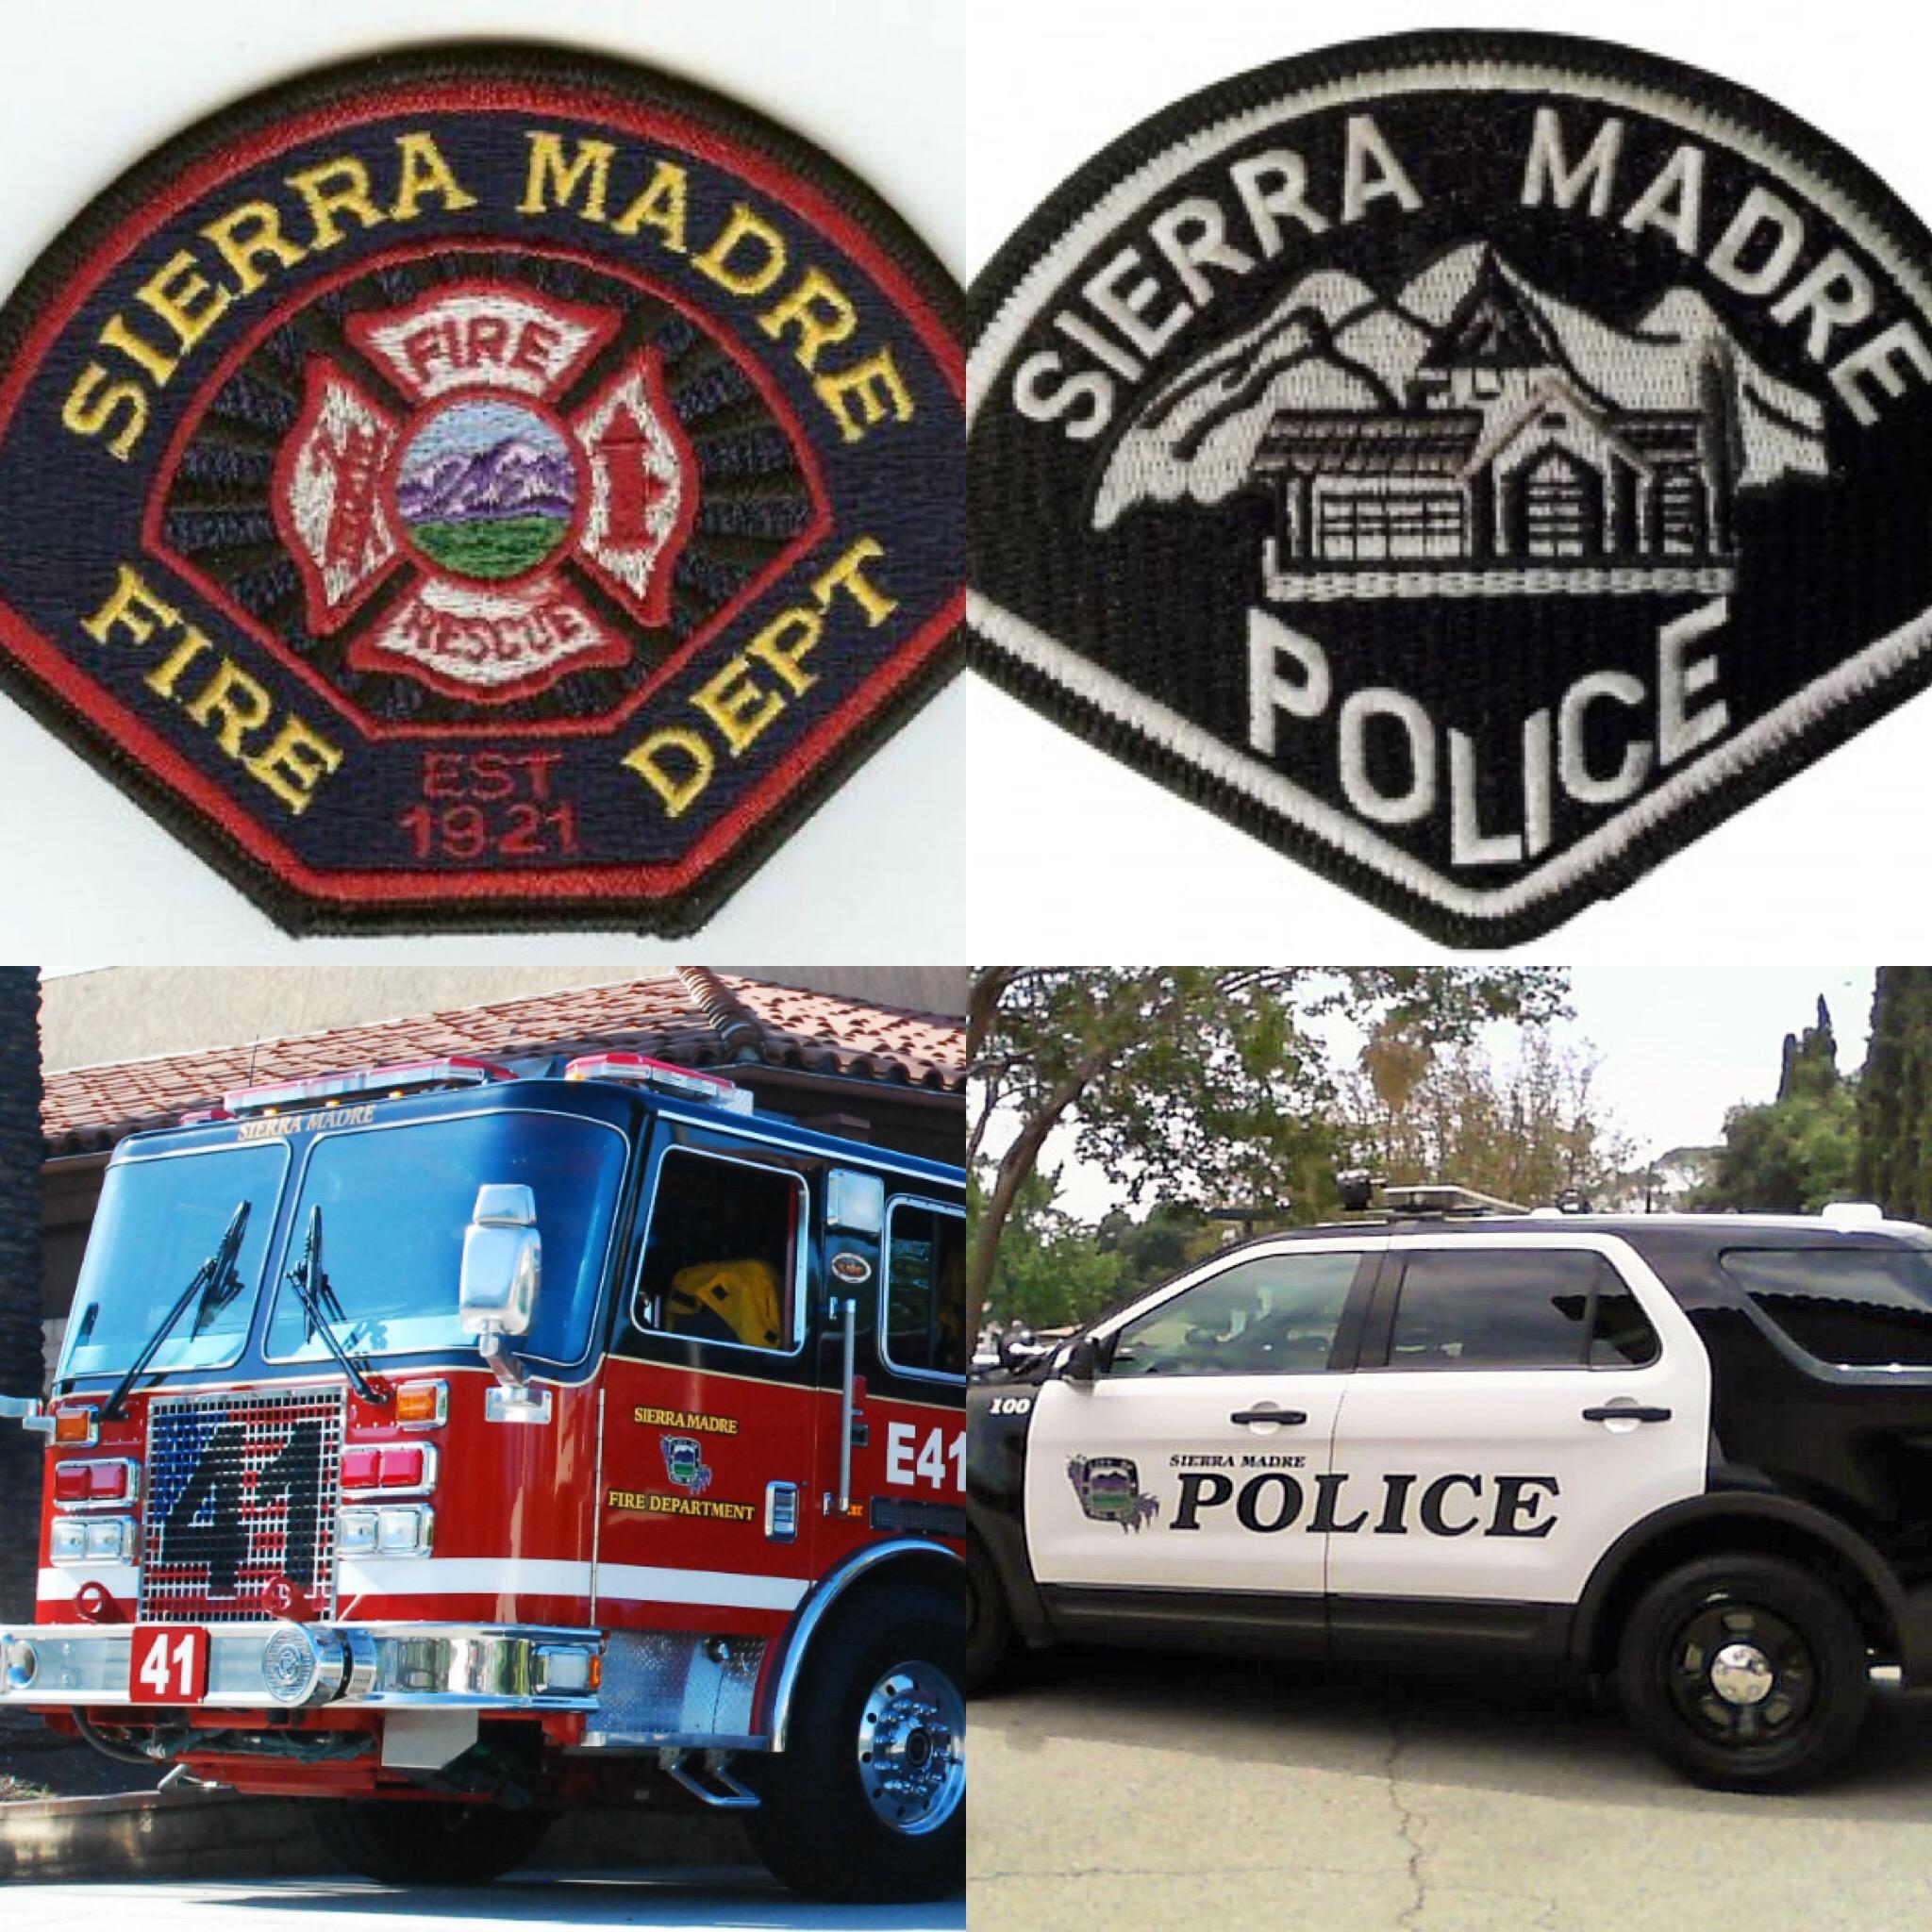 Sierra Madre Public Safety